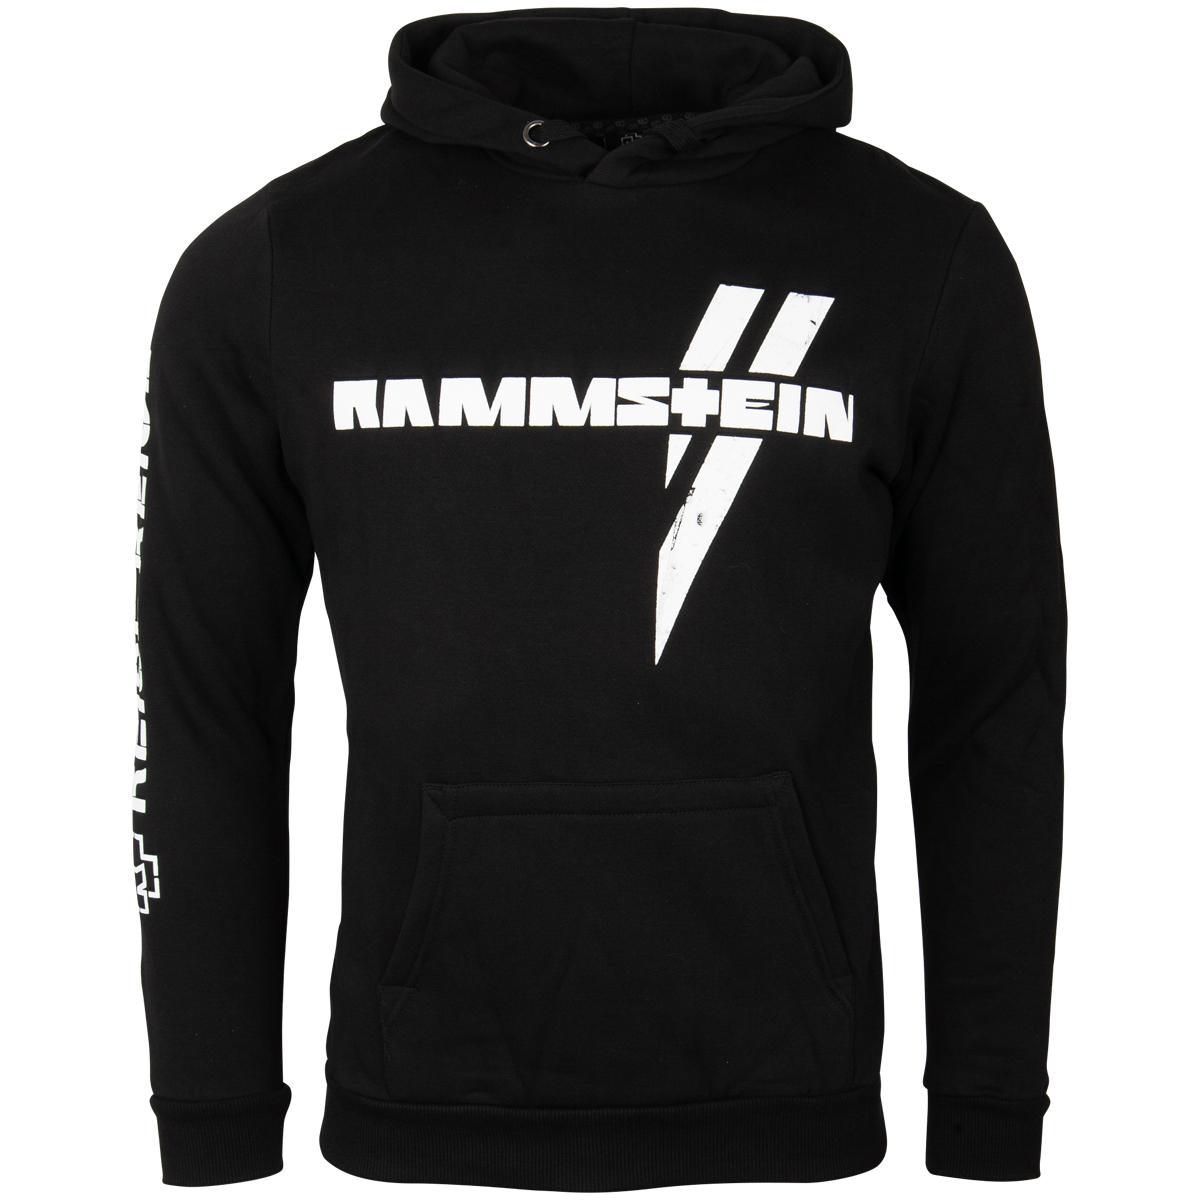 Rammstein - Kapuzenpullover Weißes Kreuz - schwarz